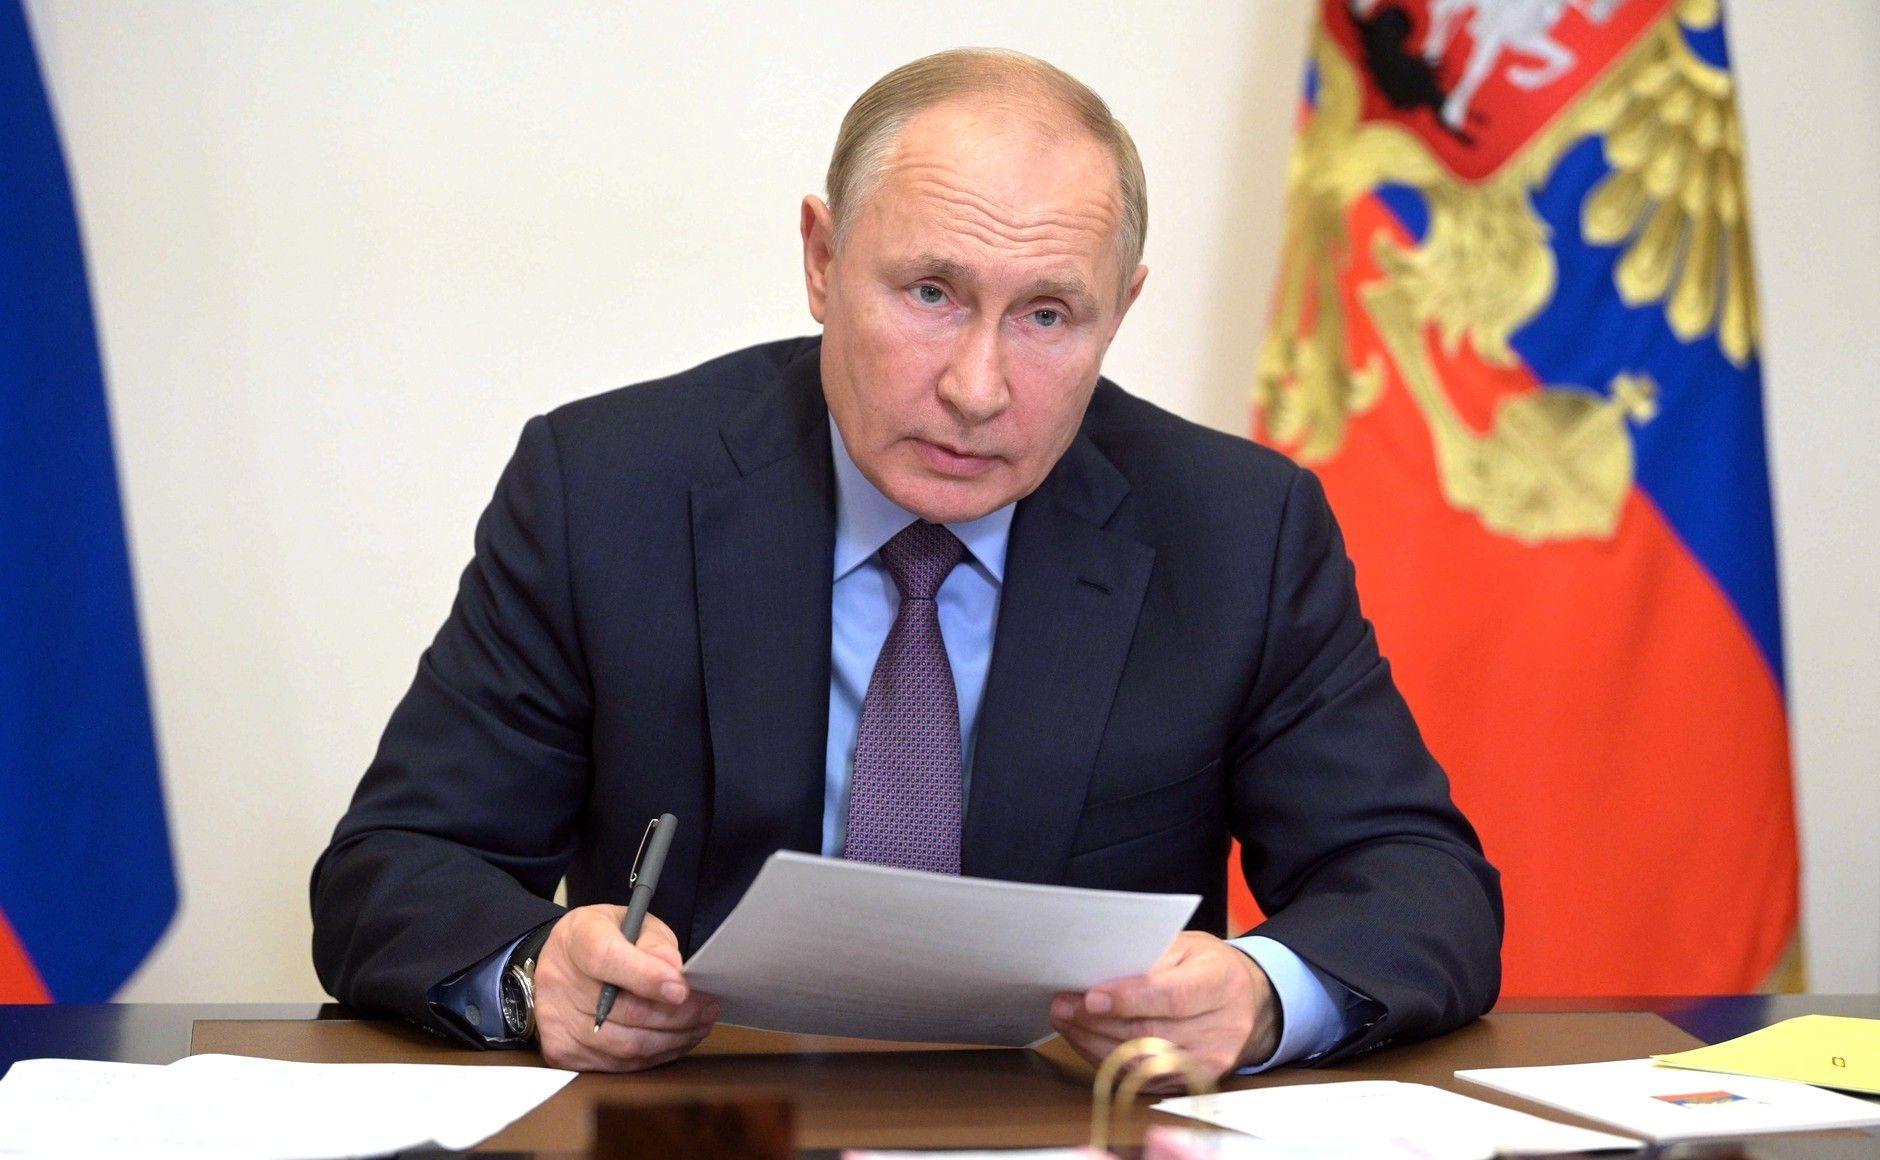 Не один и не два: сколько человек в окружении Путина заболели коронавирусом